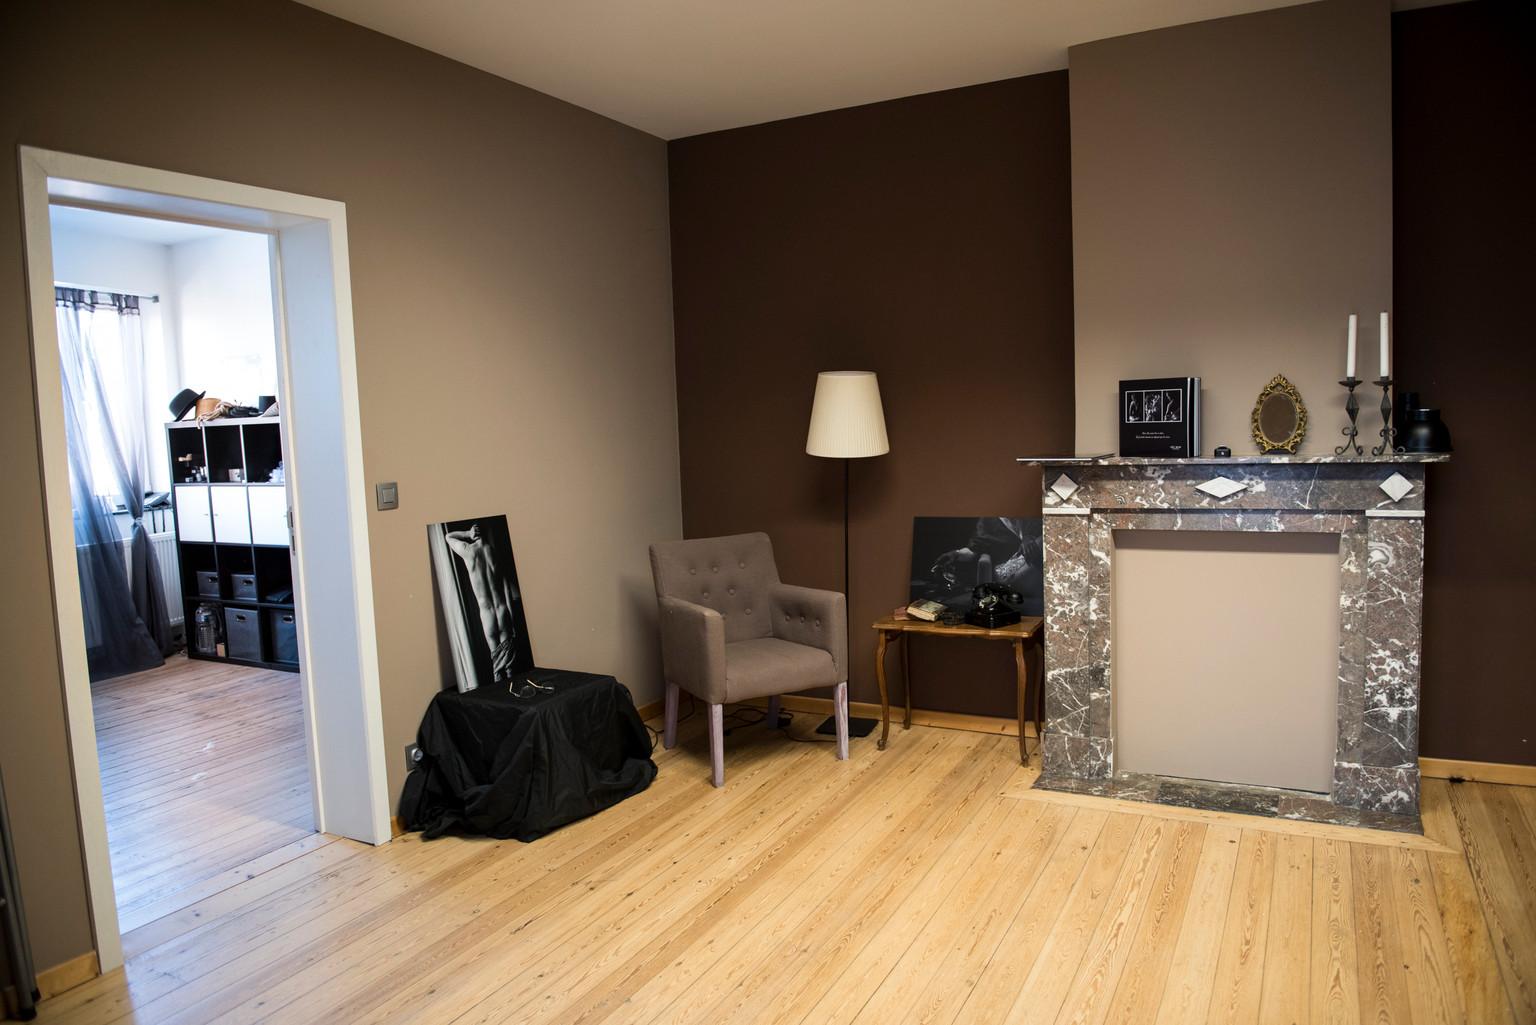 studio pièce 2 et pièce d'accueil